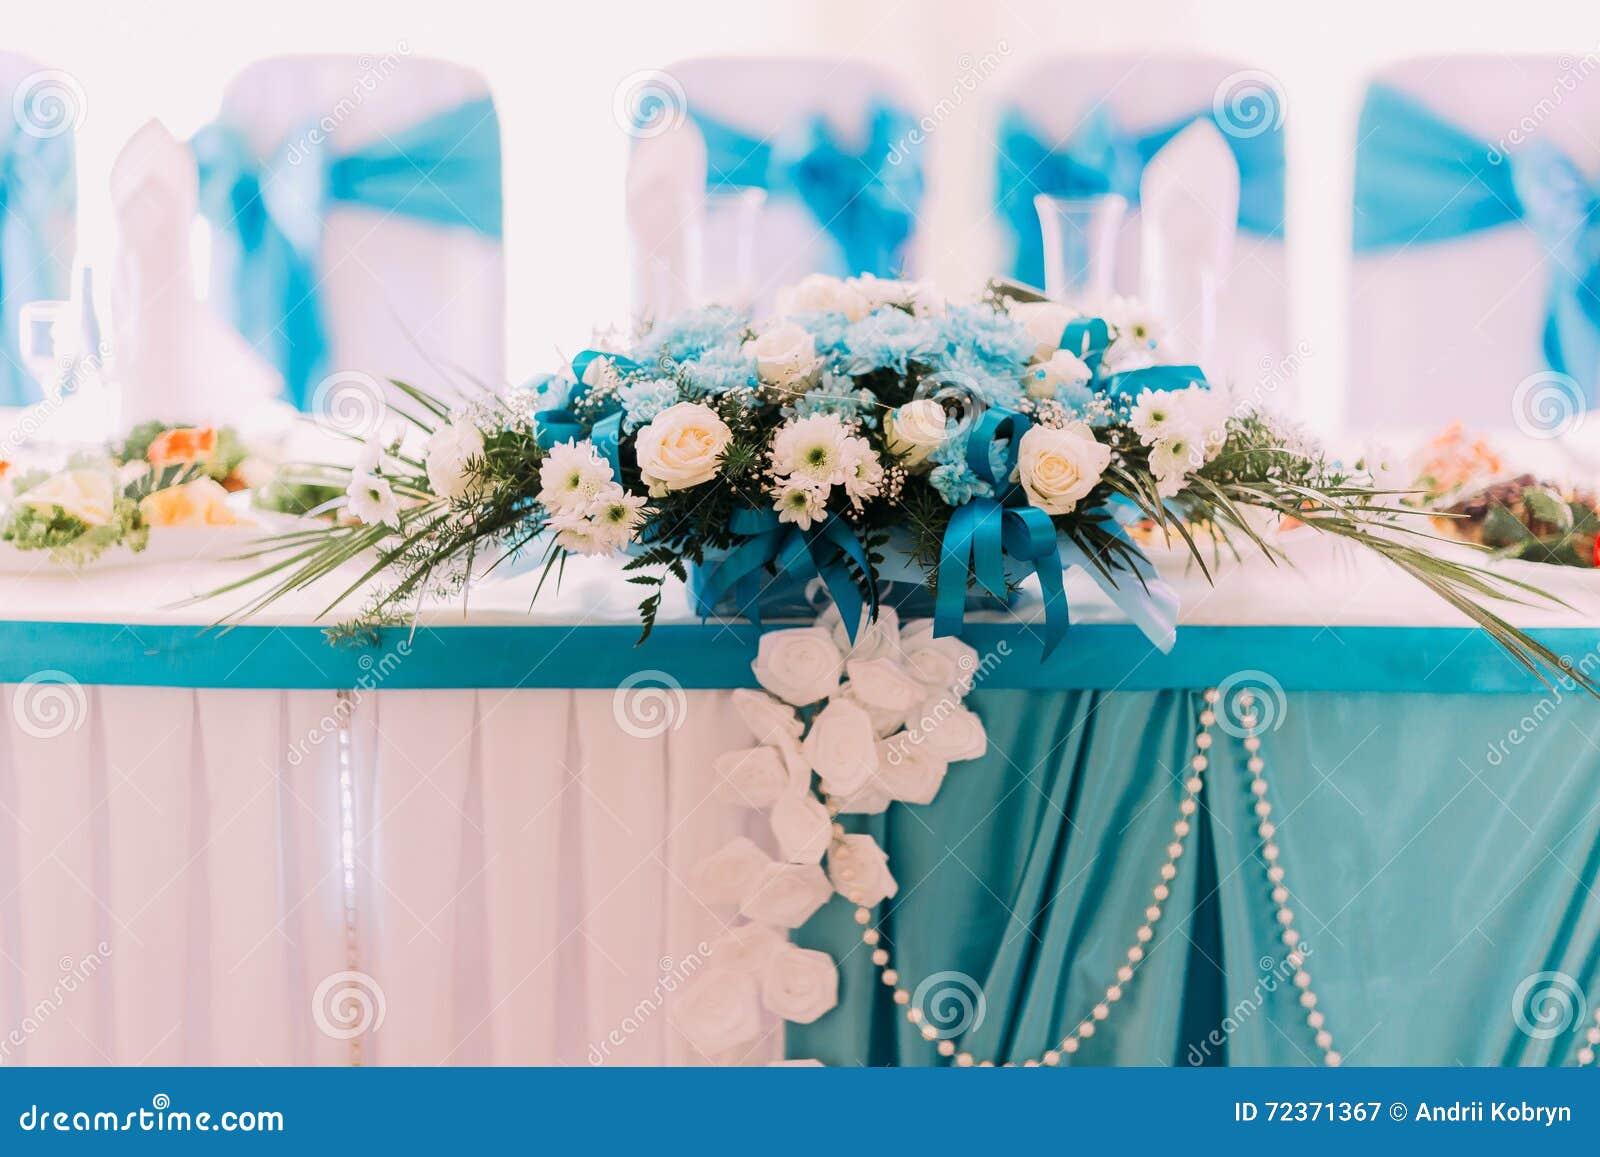 白色和绿松石婚礼桌花卉装饰 特写镜头